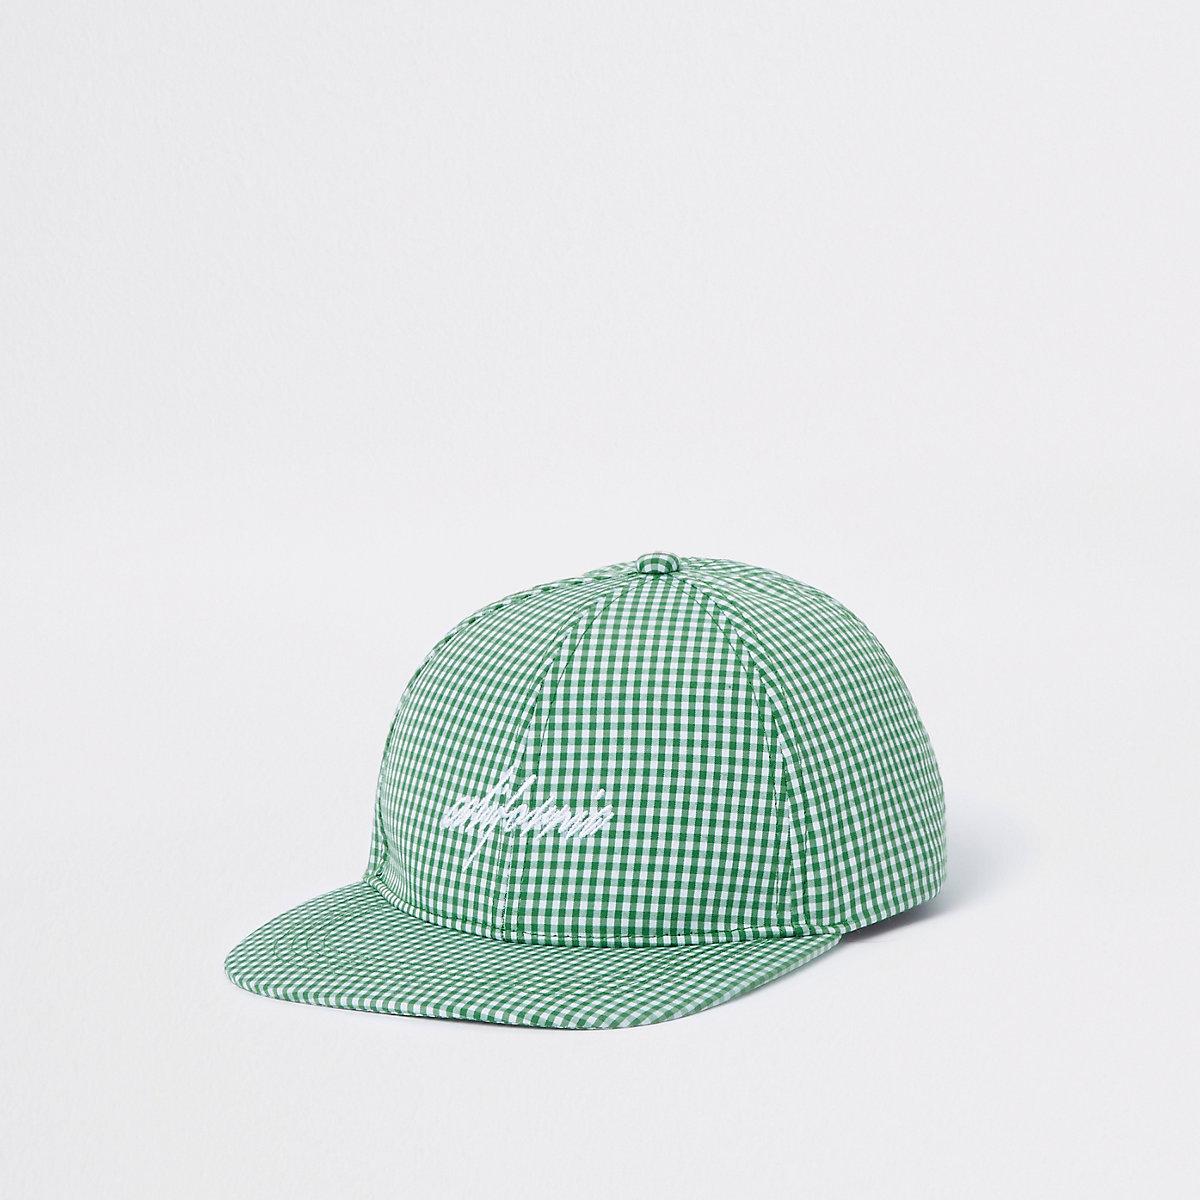 Green gingham flat peak cap